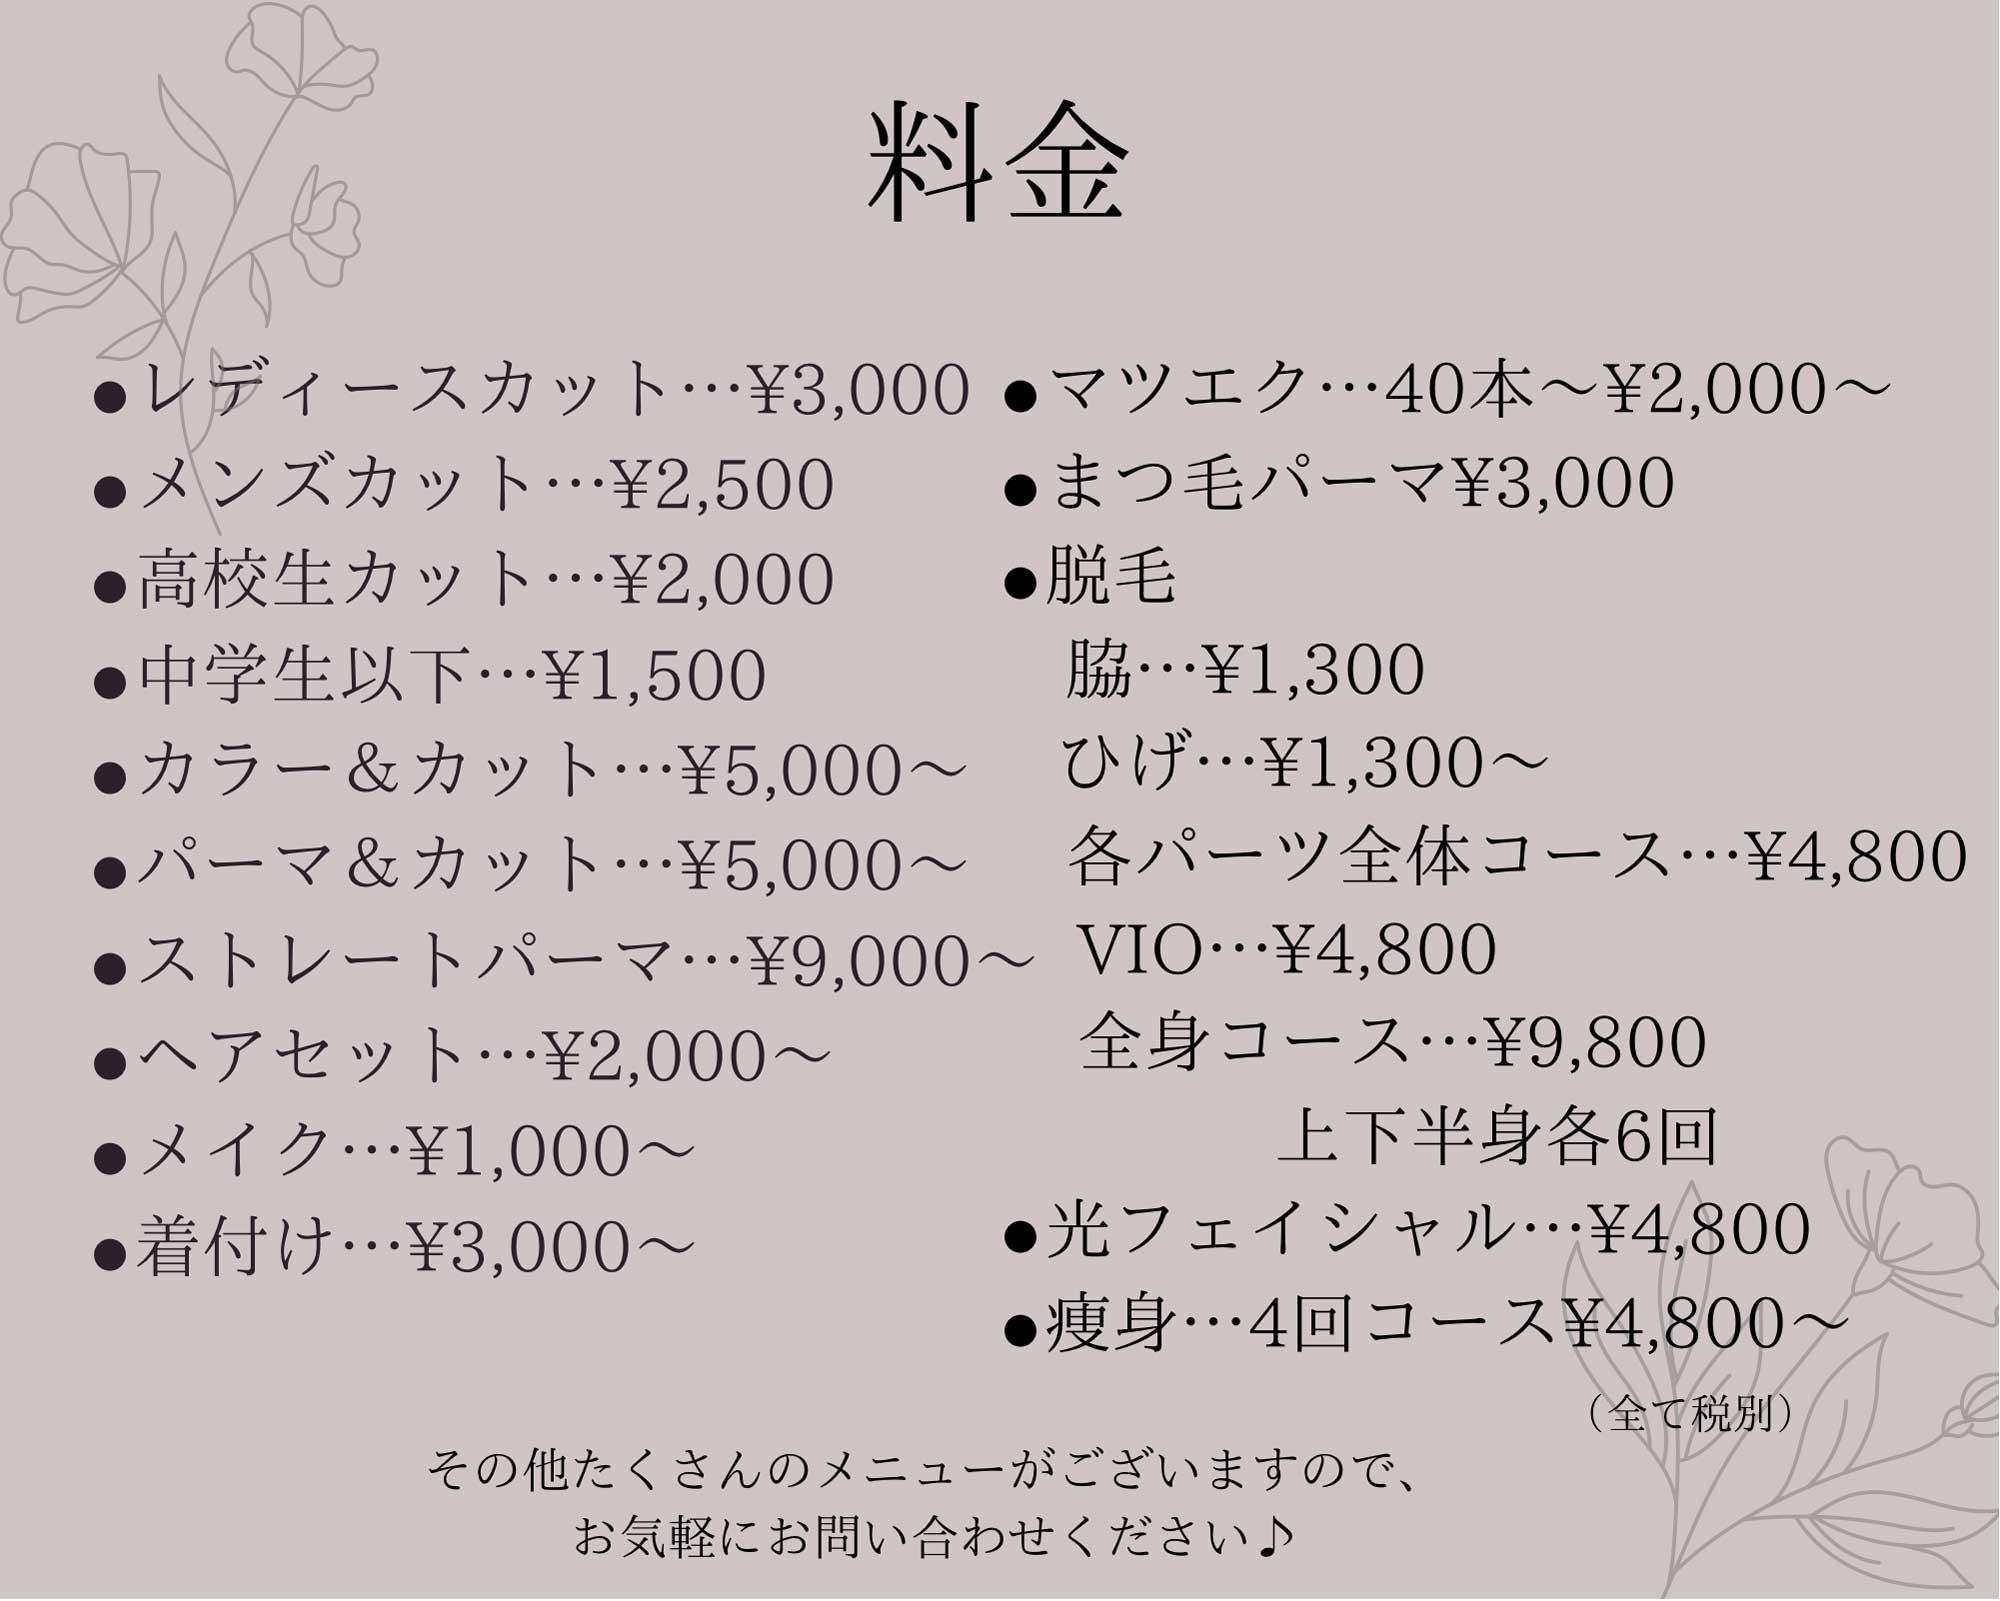 チェドゥ Machiiro 記事写真 1